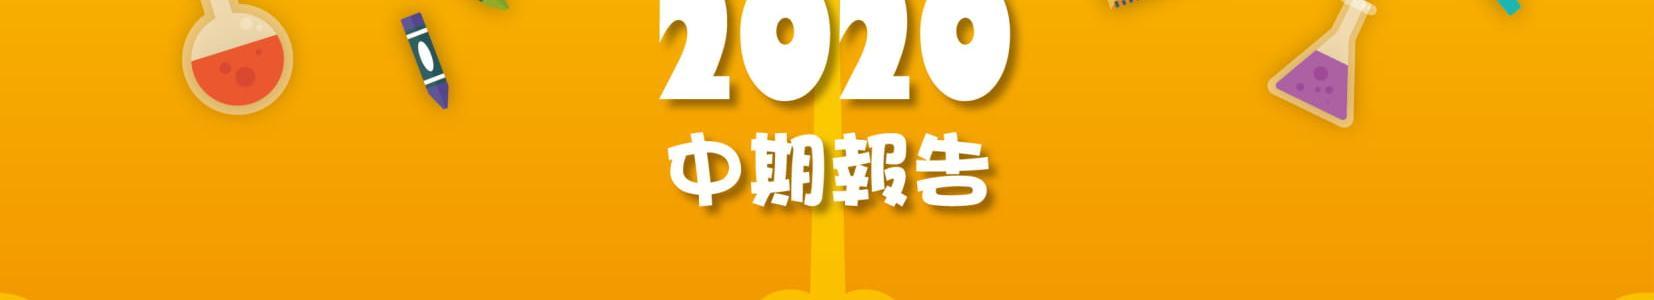 中期報告 2020